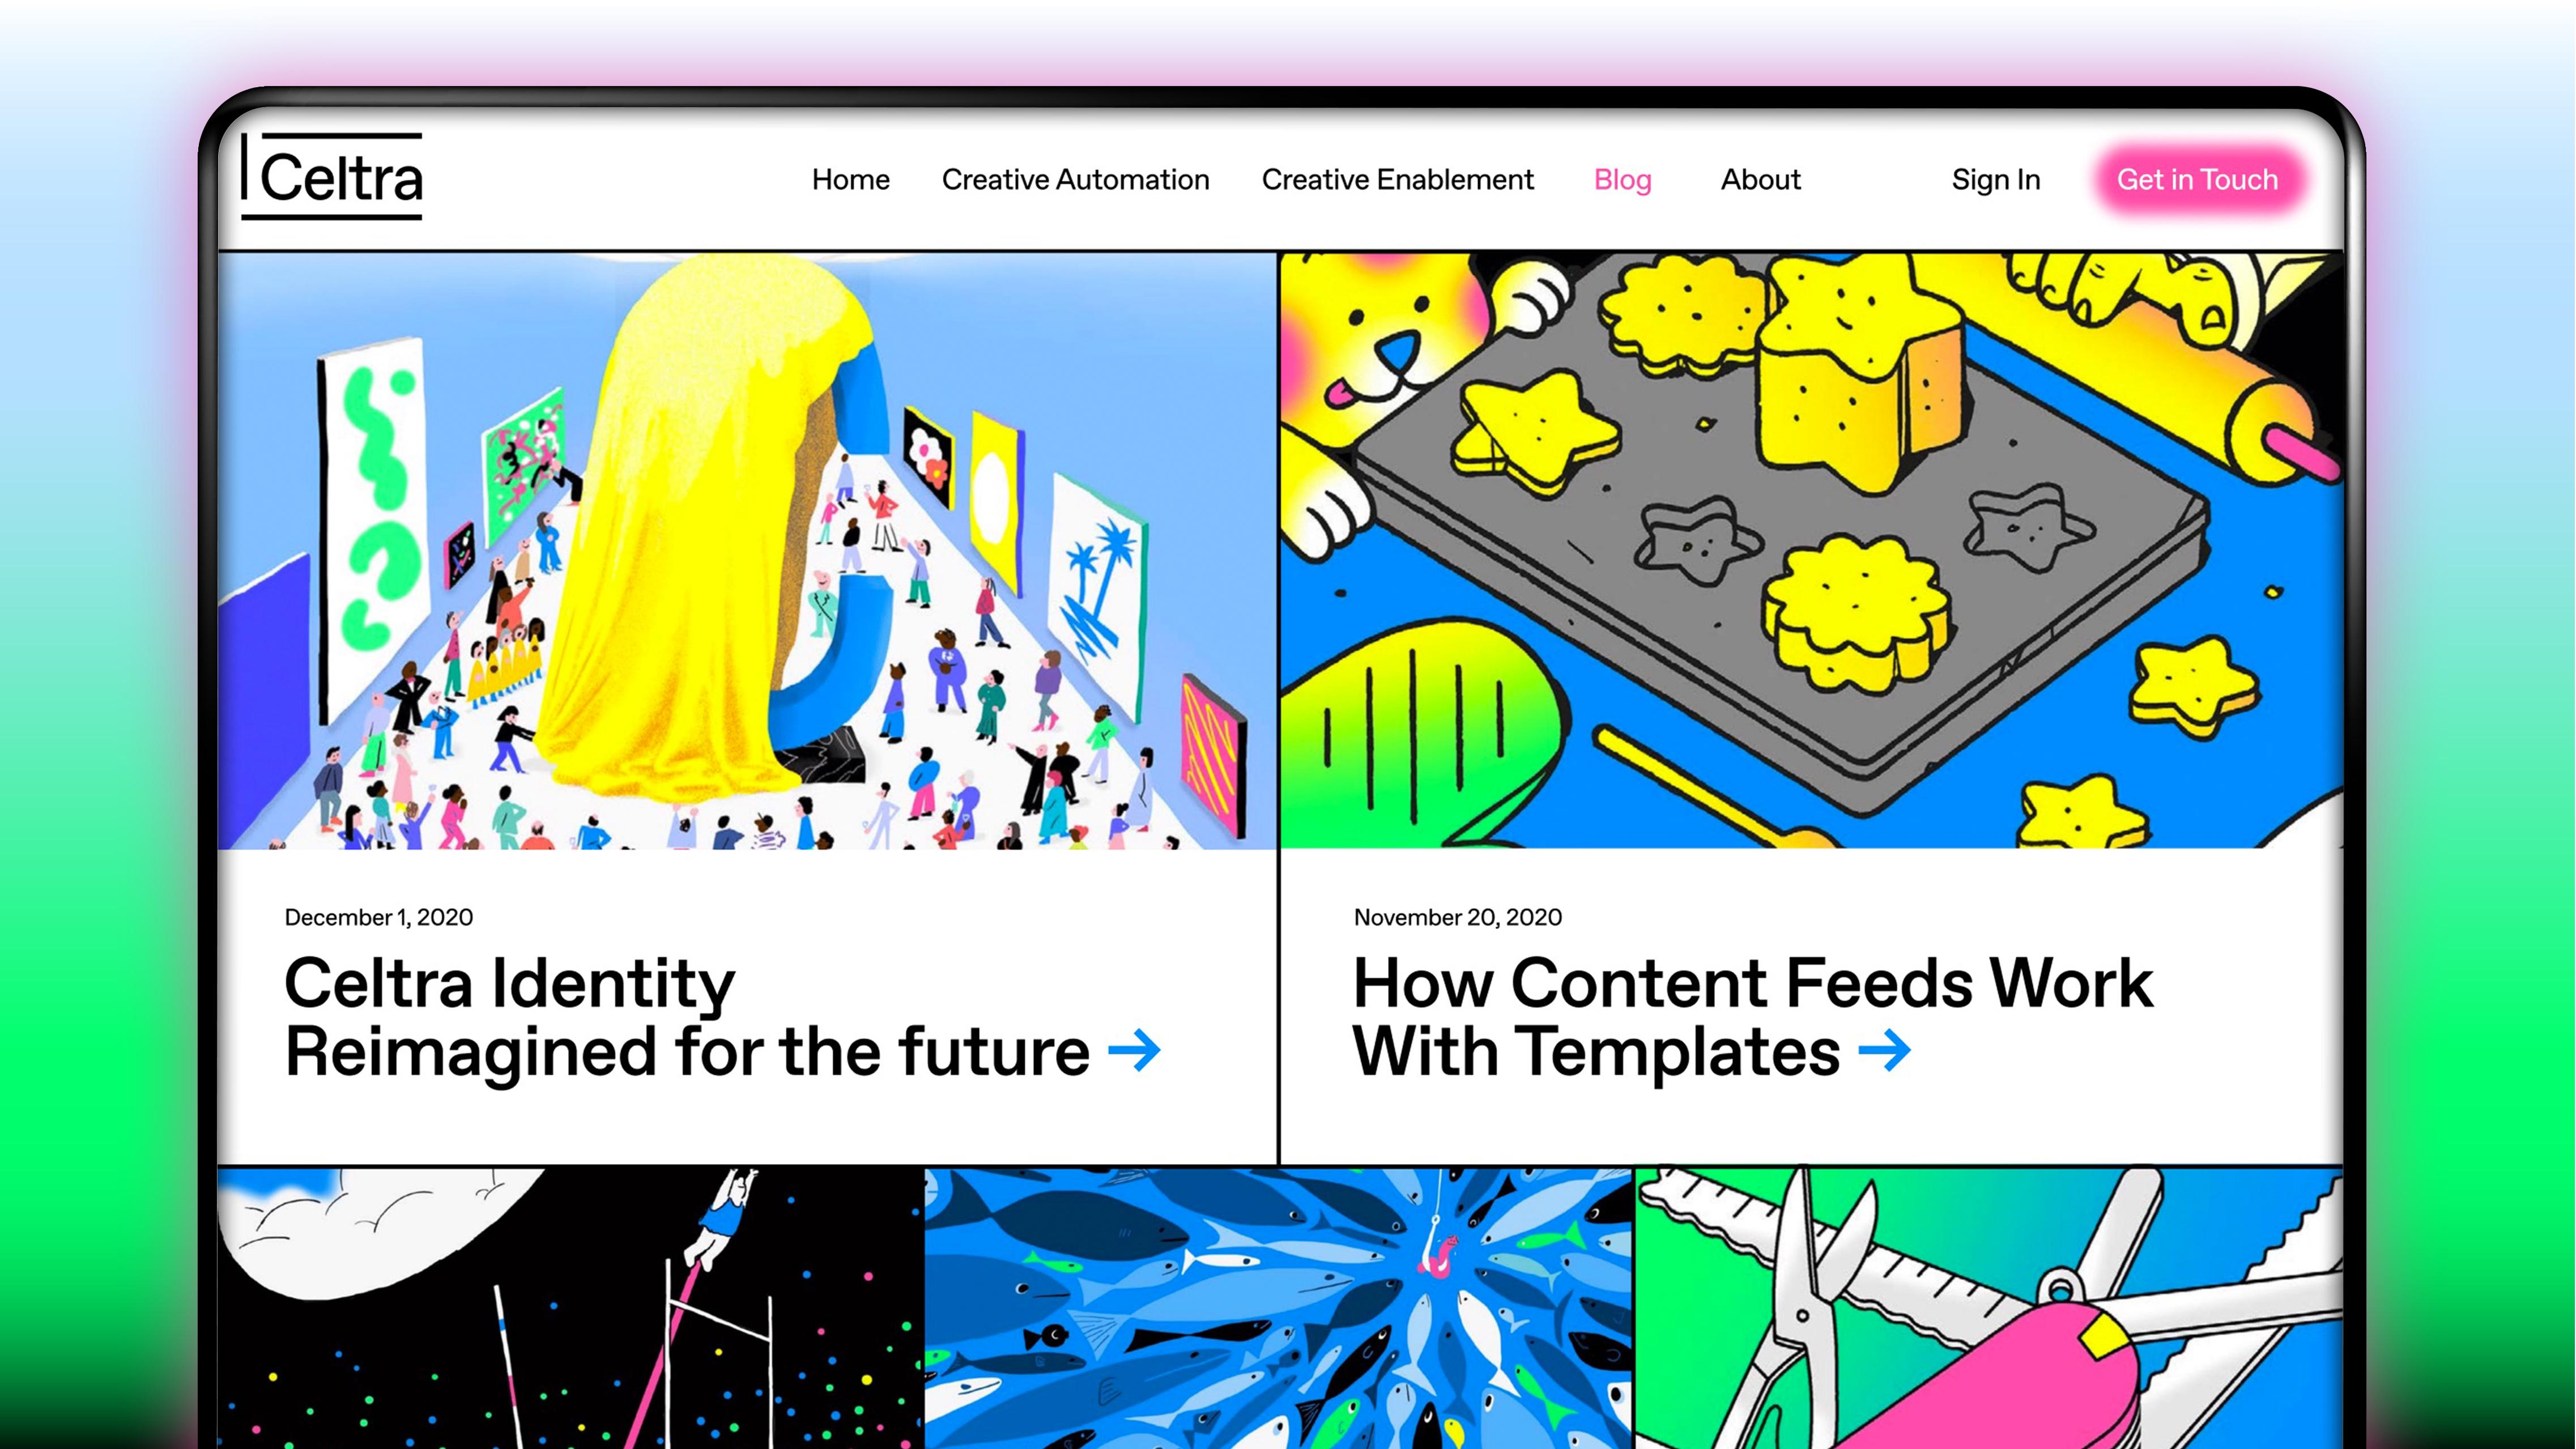 Blog webpage design for Celtra.